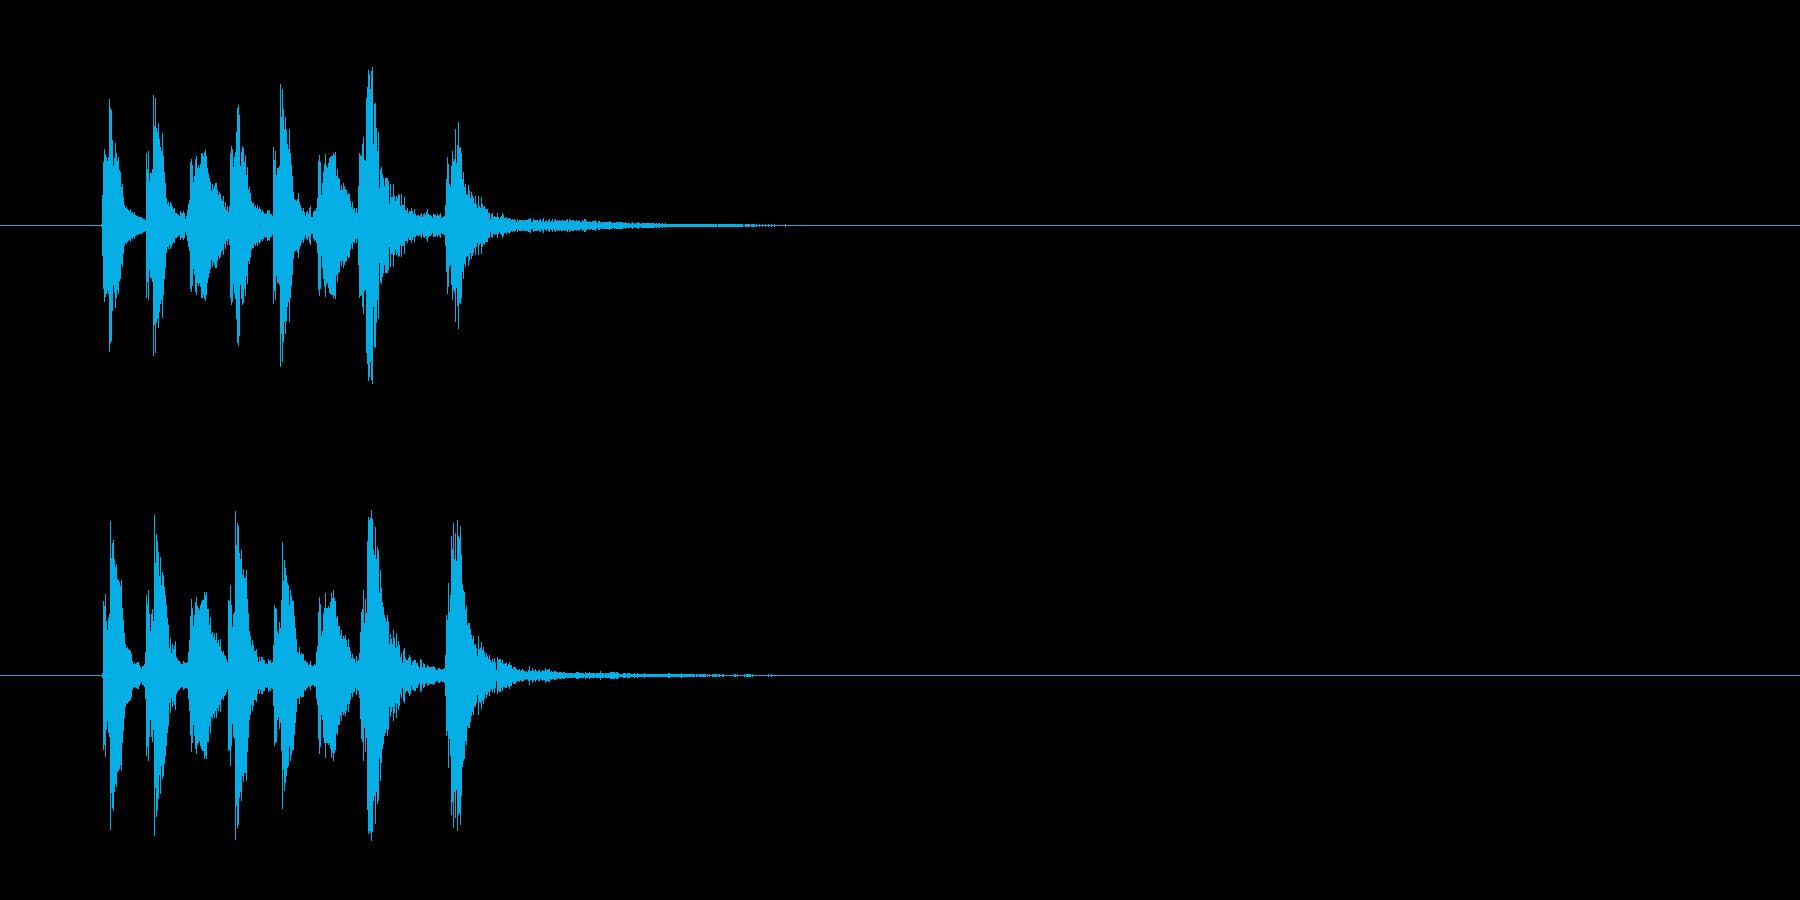 コーナー・エンド風セミクラのジングルの再生済みの波形